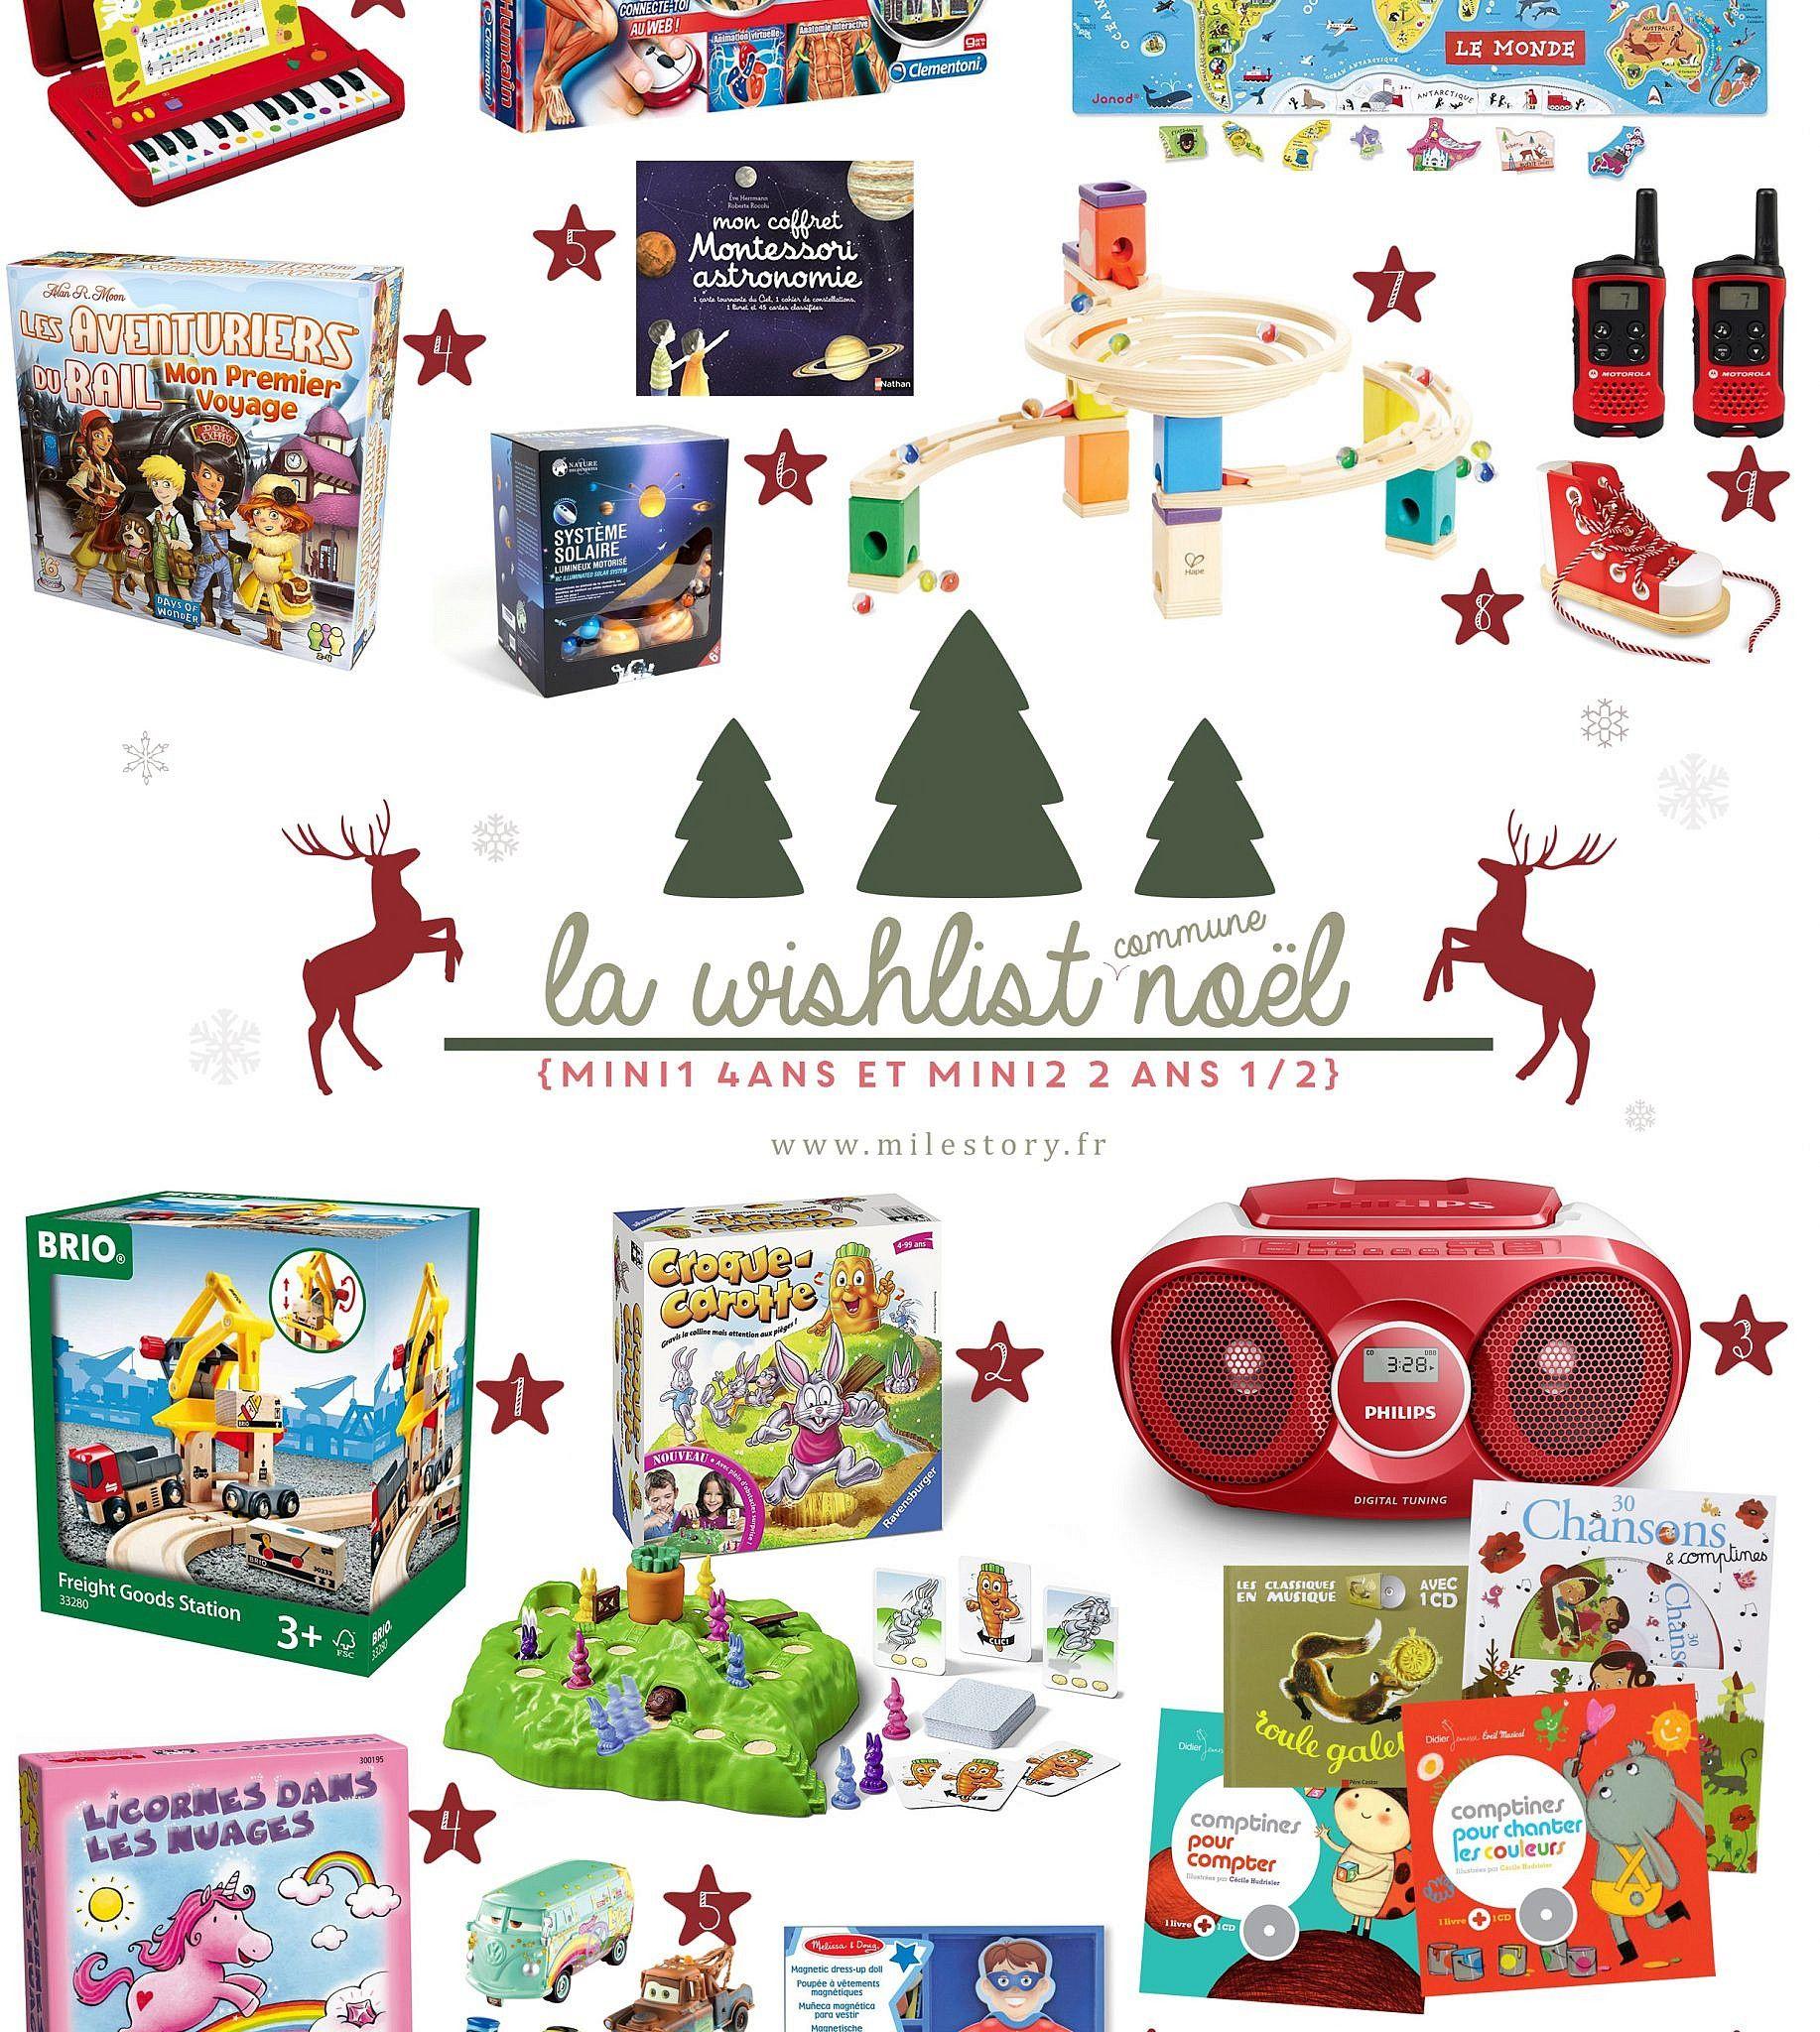 Wishlist Noël 2017 – Idées Cadeaux Enfants De 4 Ans Et 2 Ans encequiconcerne Jouet Pour Fille De 2 Ans Et Demi